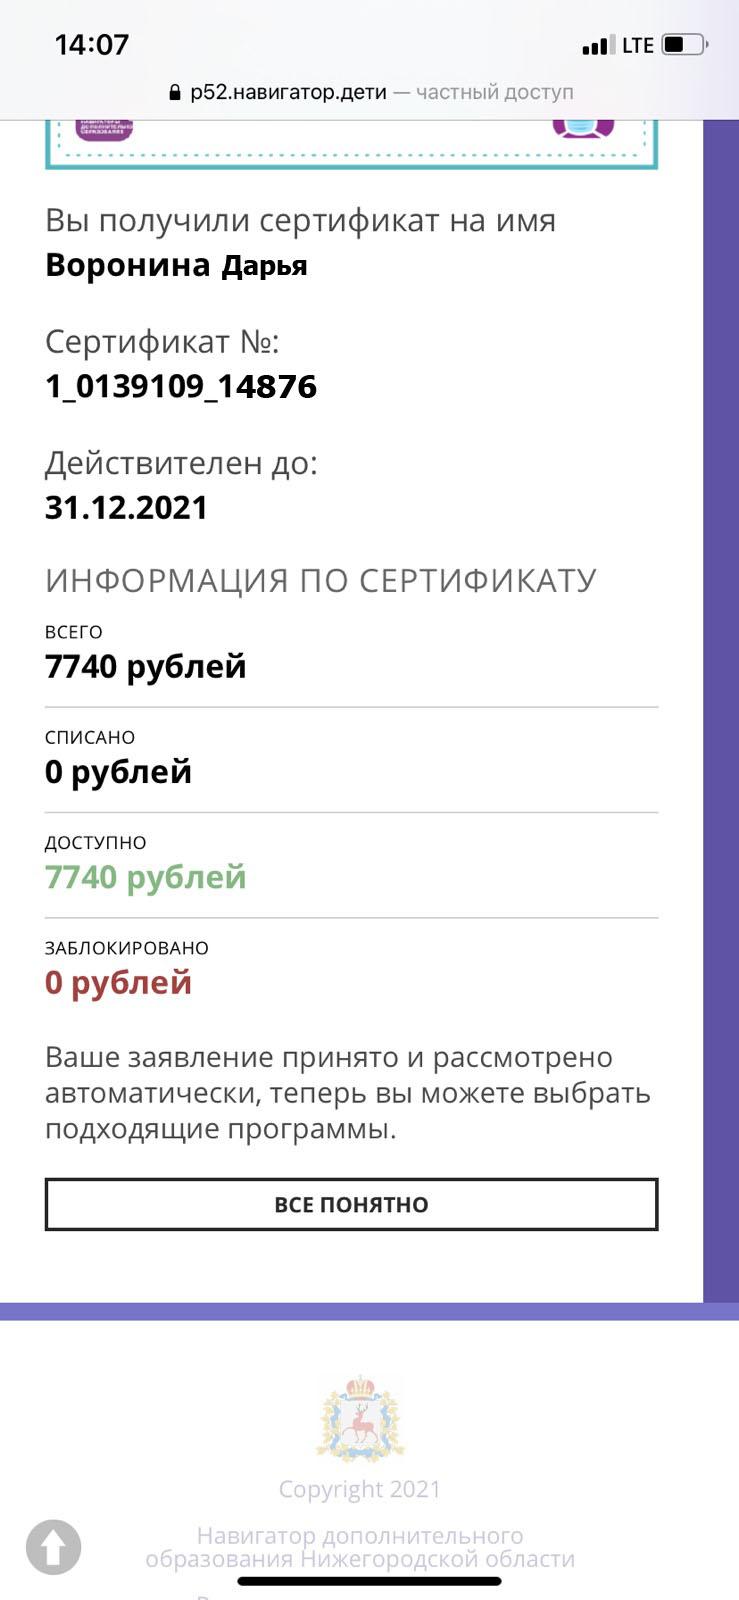 http://cdt-leninskii.ucoz.net/ART-DESIGN/shag_8.jpg